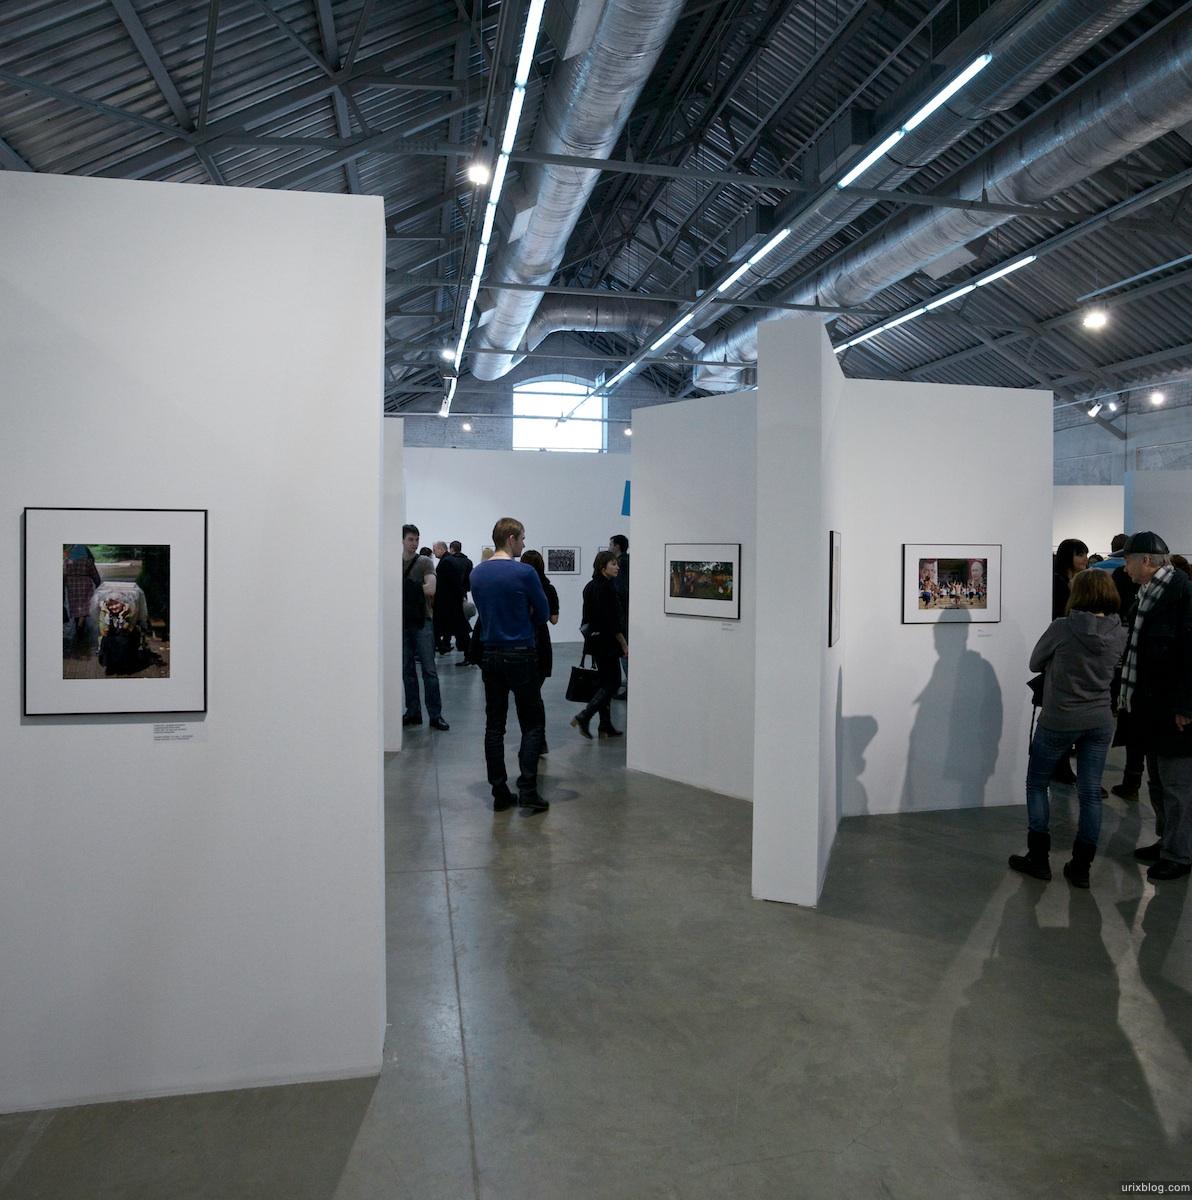 2011 Лучшие фотографии России 2010, зал, Винзавод, Москва выставка